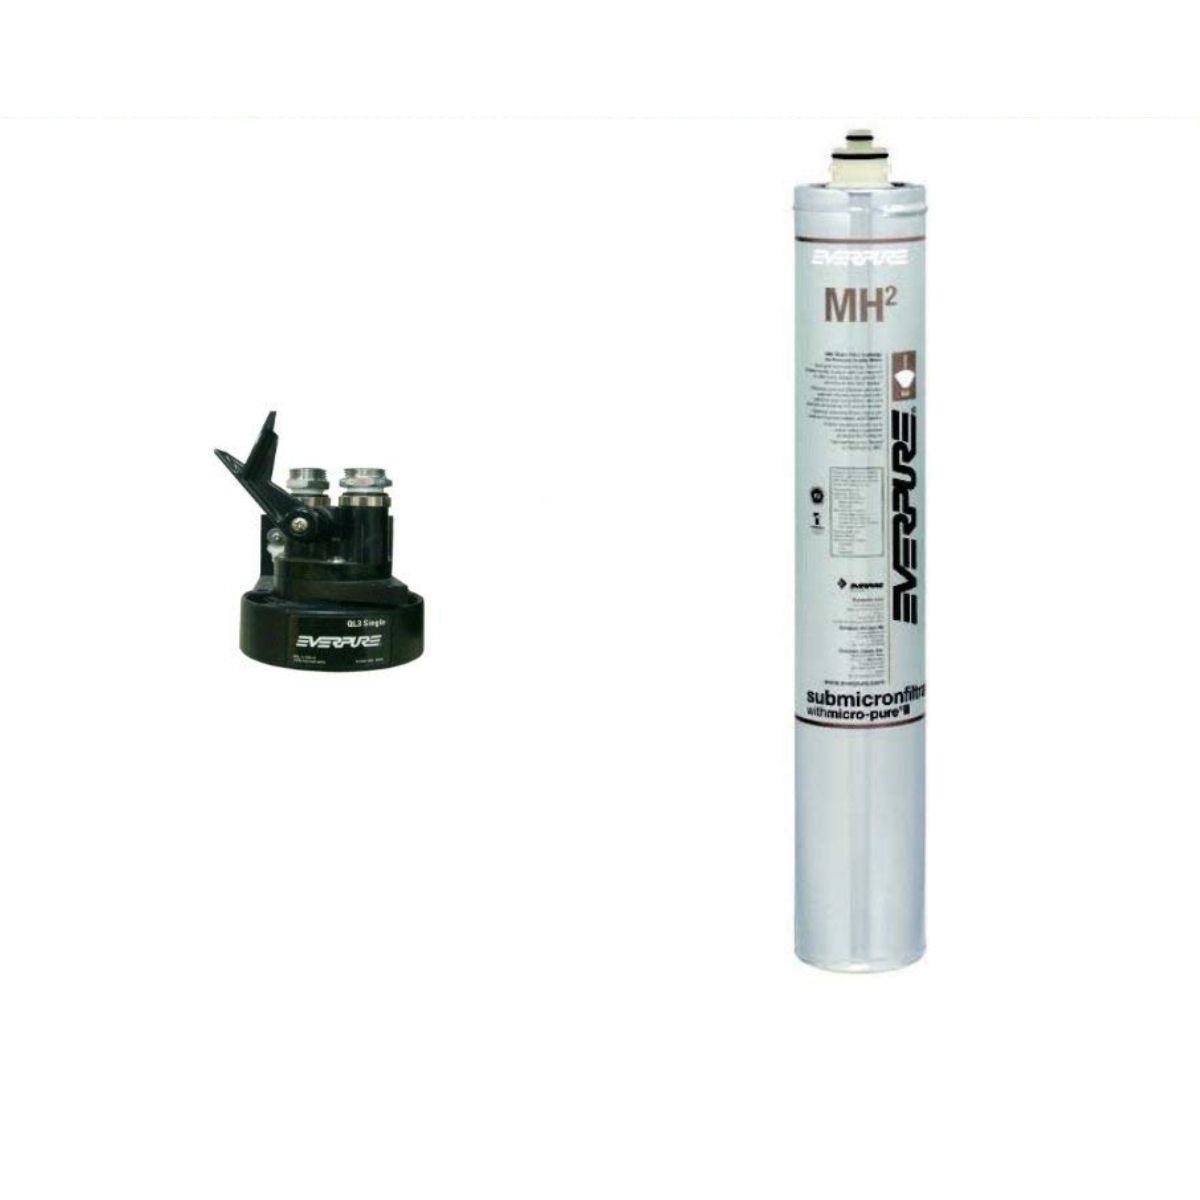 新規設置仕様 エバーピュア浄水器ヘッドフィルタセット品 QL3-MH2